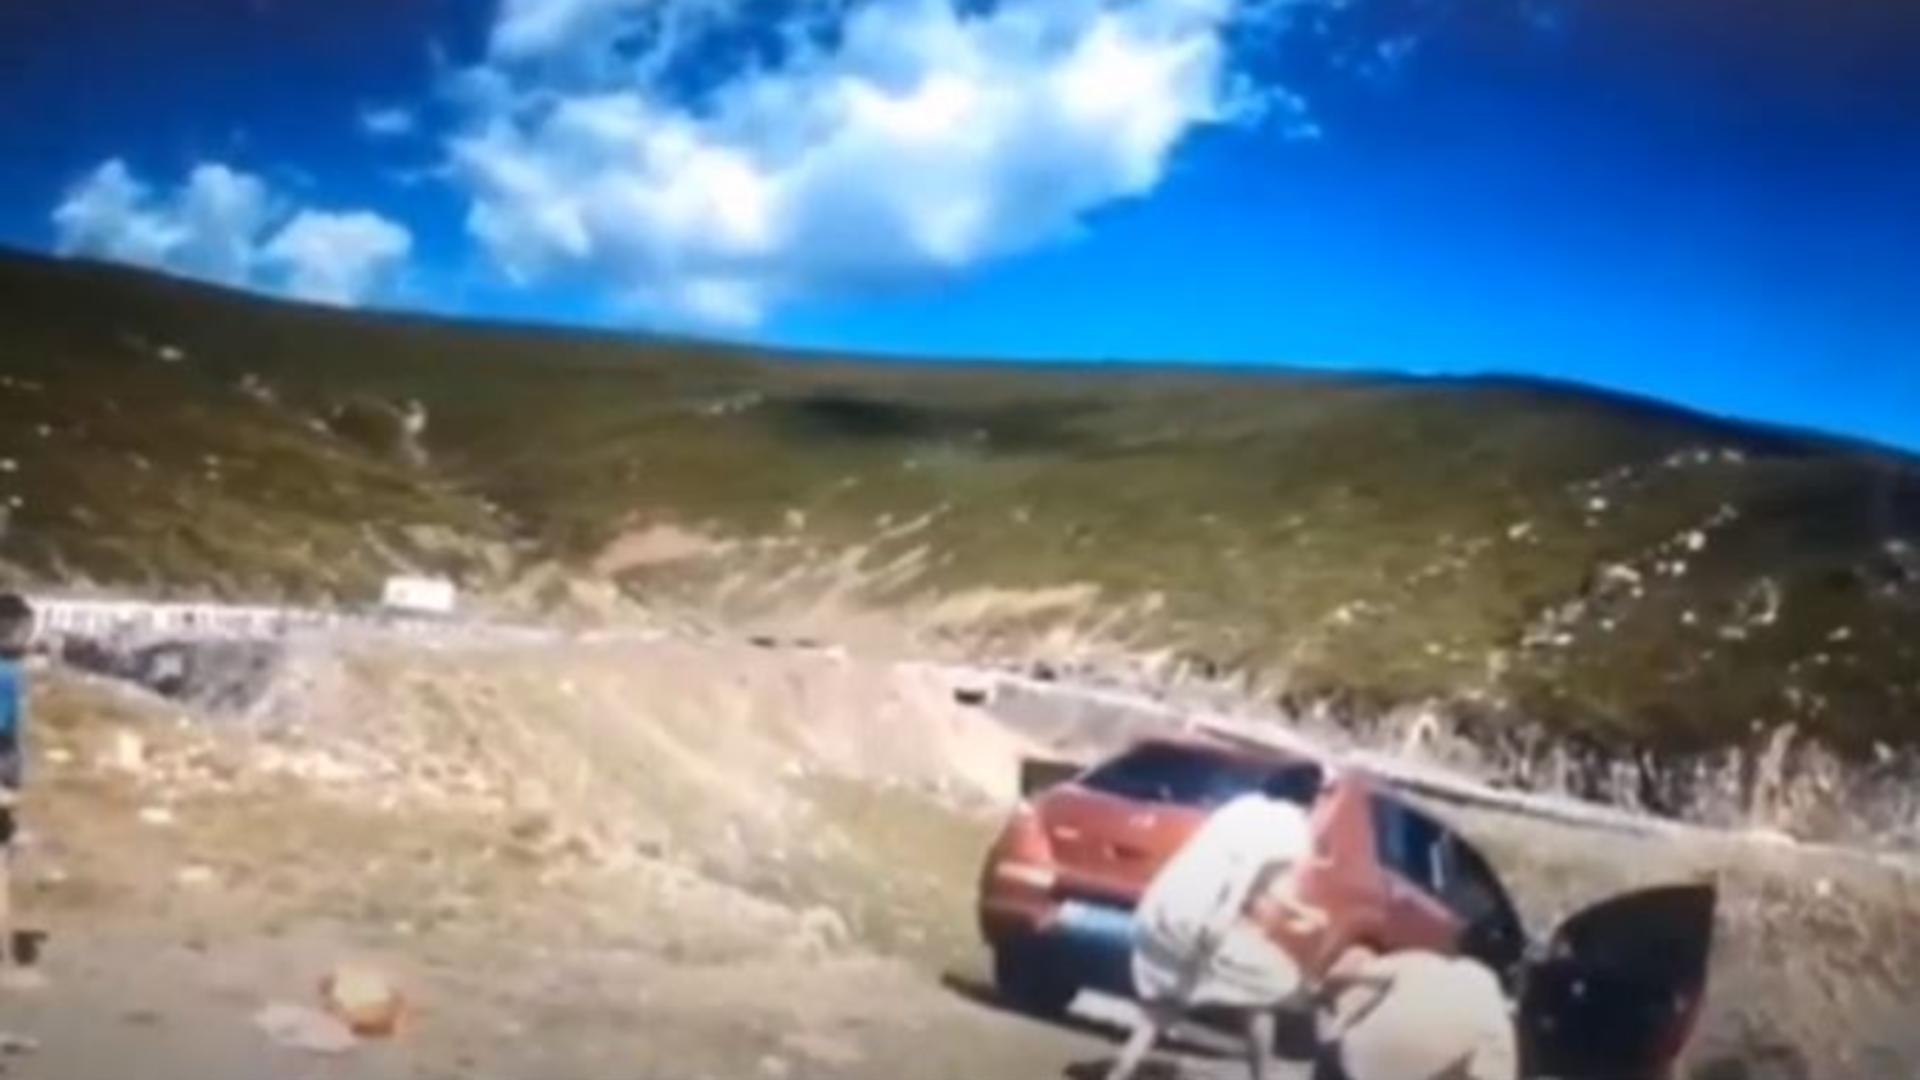 Momentul în care o mașina cade în prăpastie